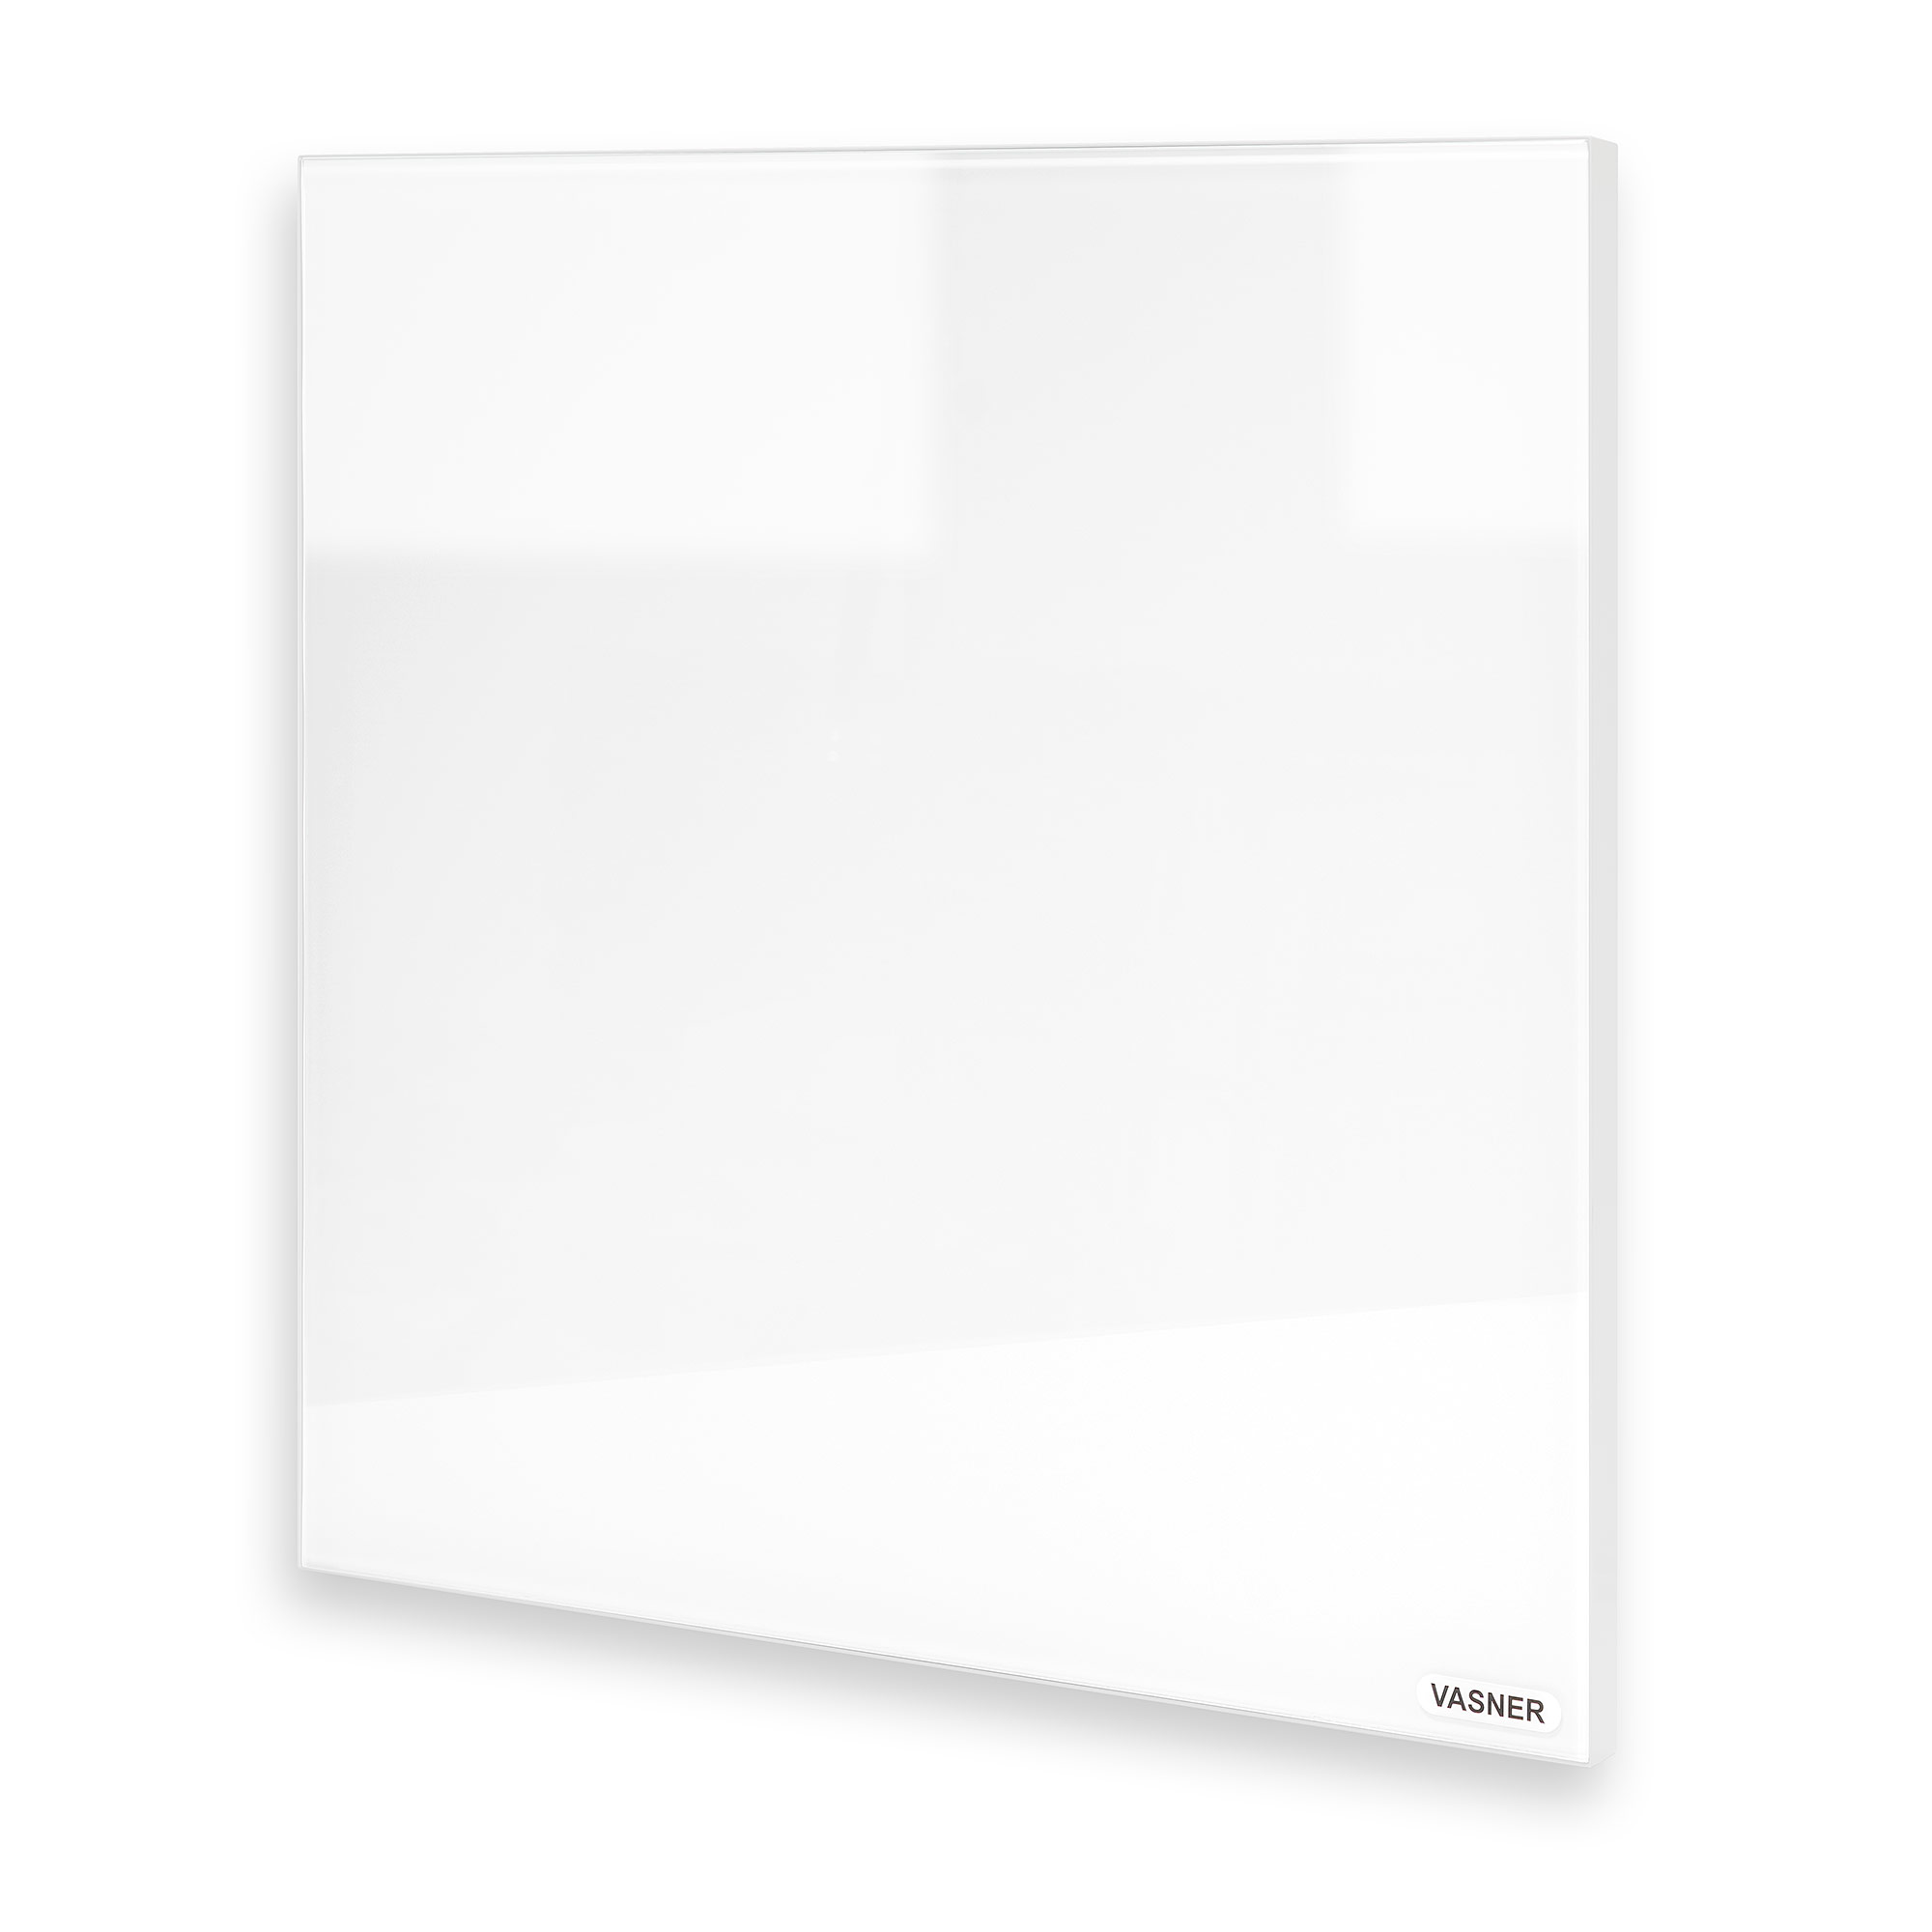 Infrarotheizung Glas rahmenlos Optik dank hauchdünner Metall Umrandung in Weiß